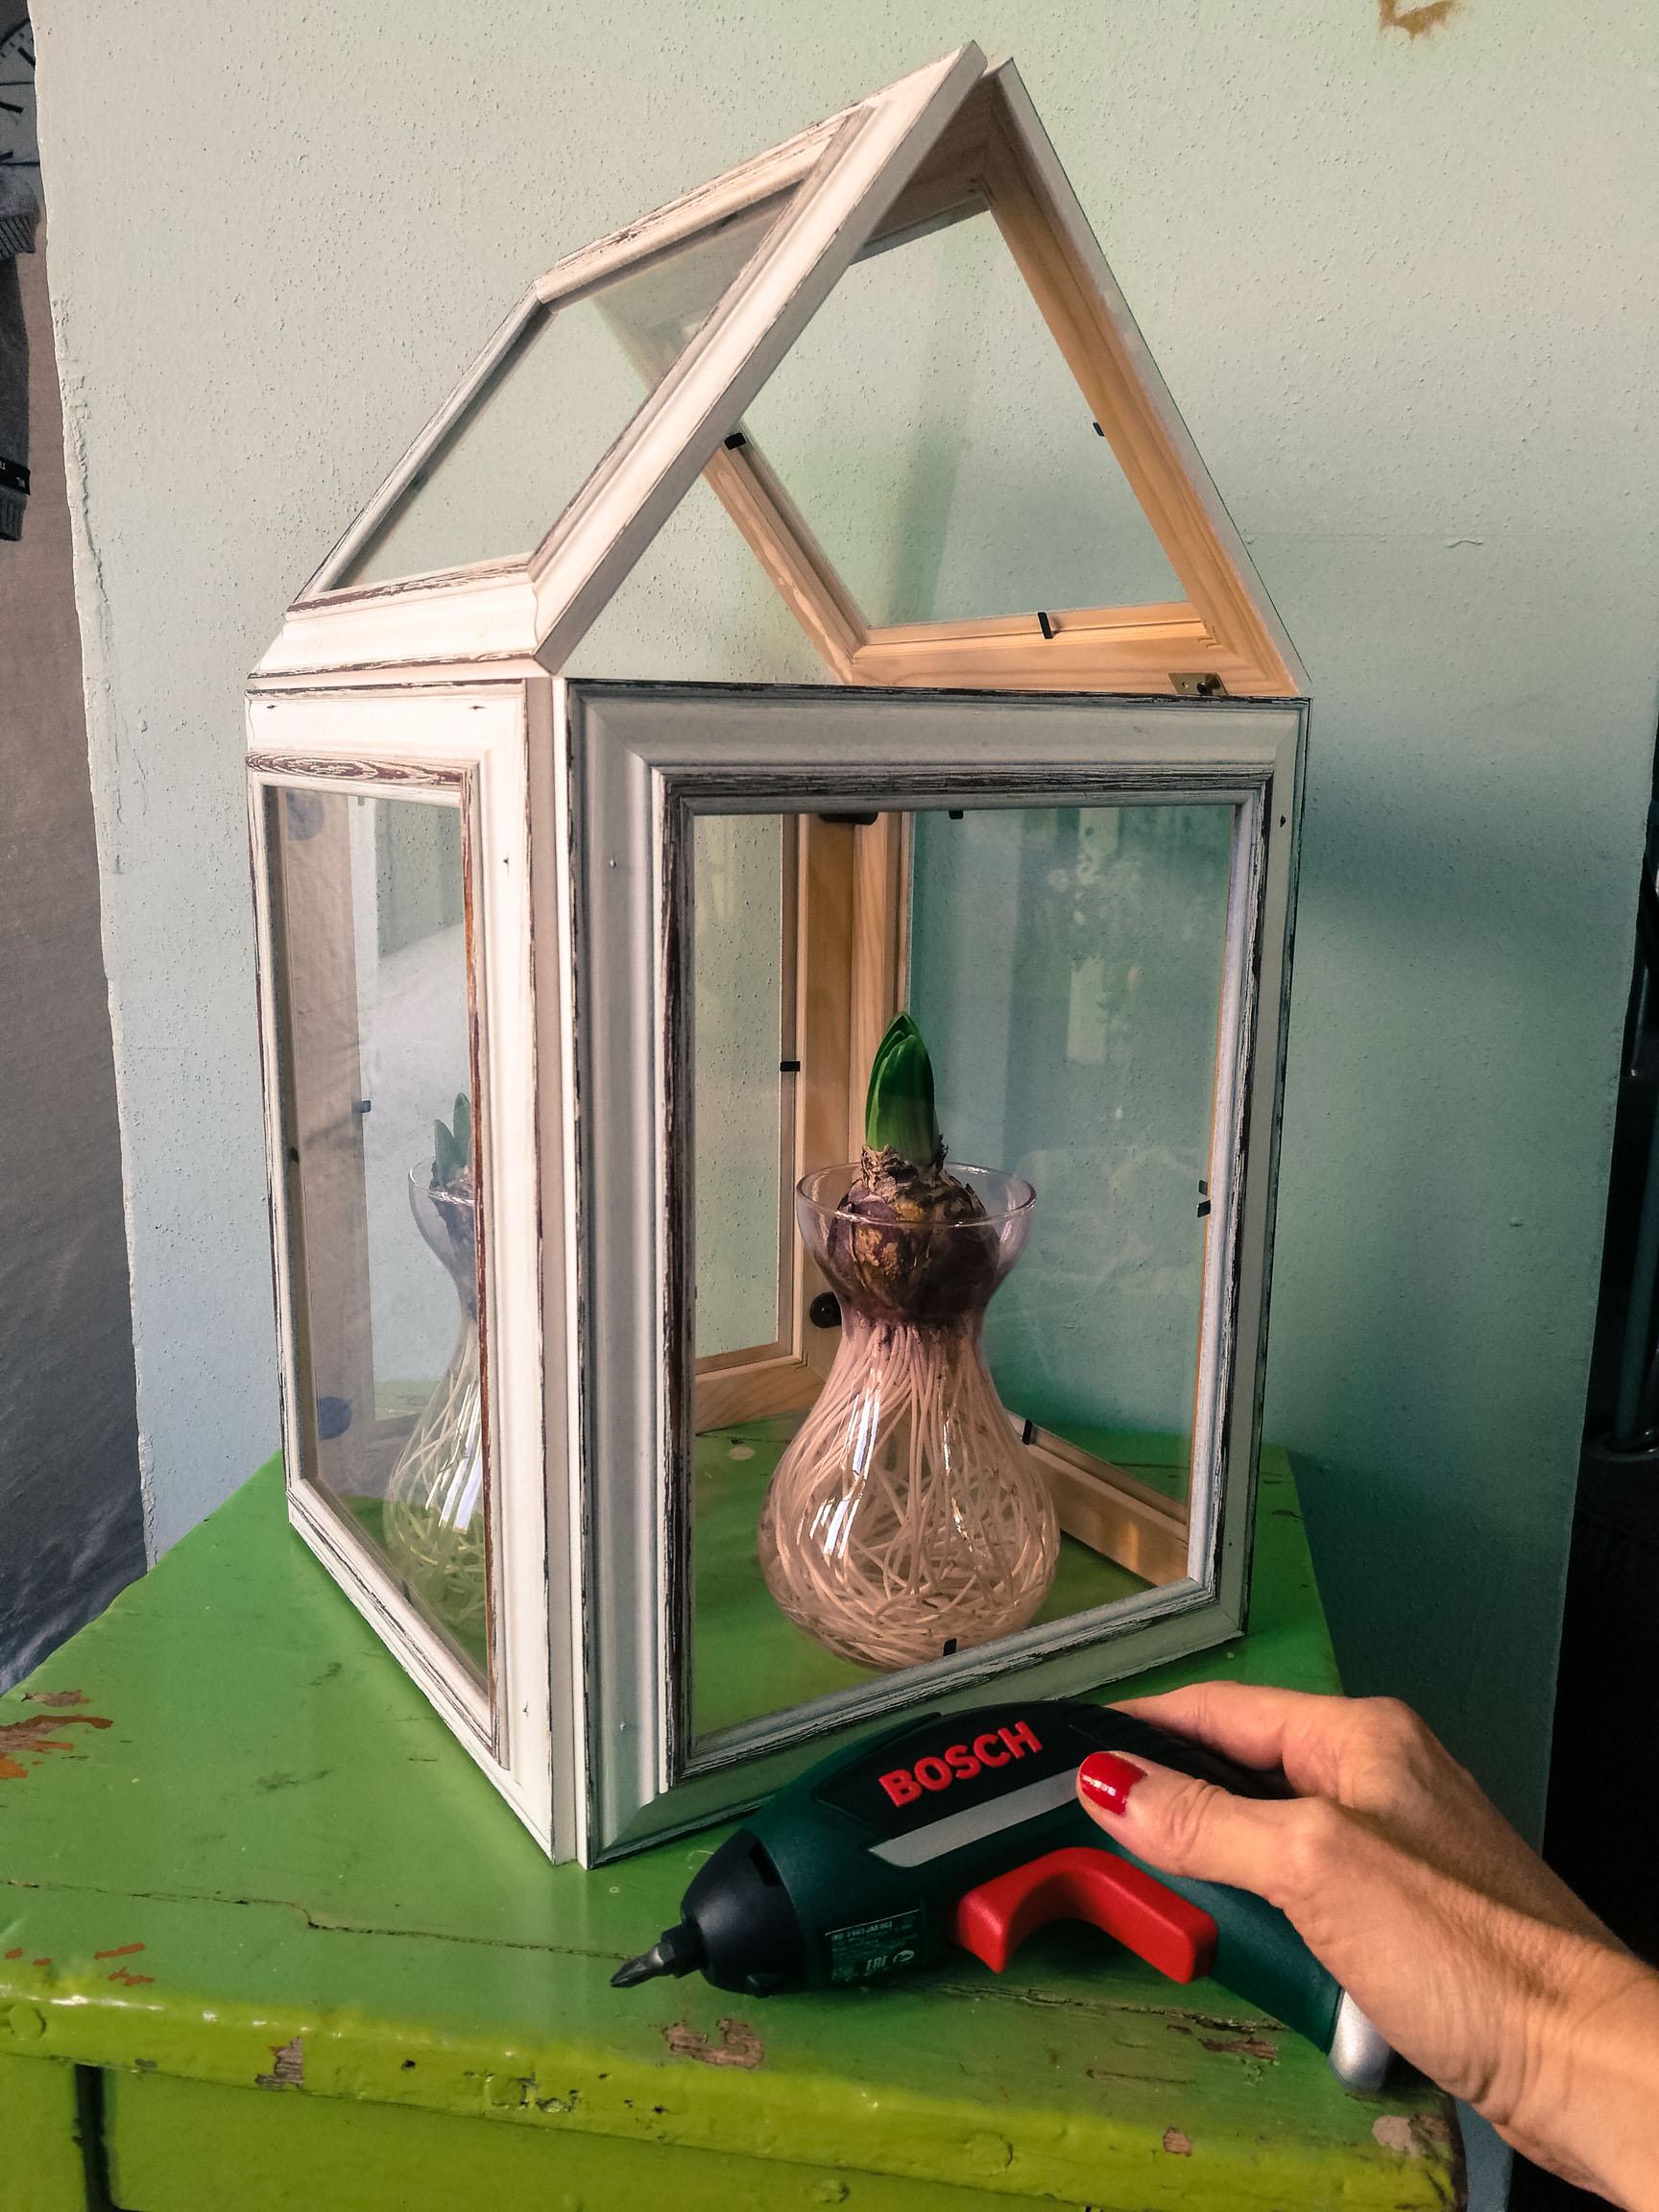 Blossom zine come costruire una mini serra con delle cornici IXO Bosch